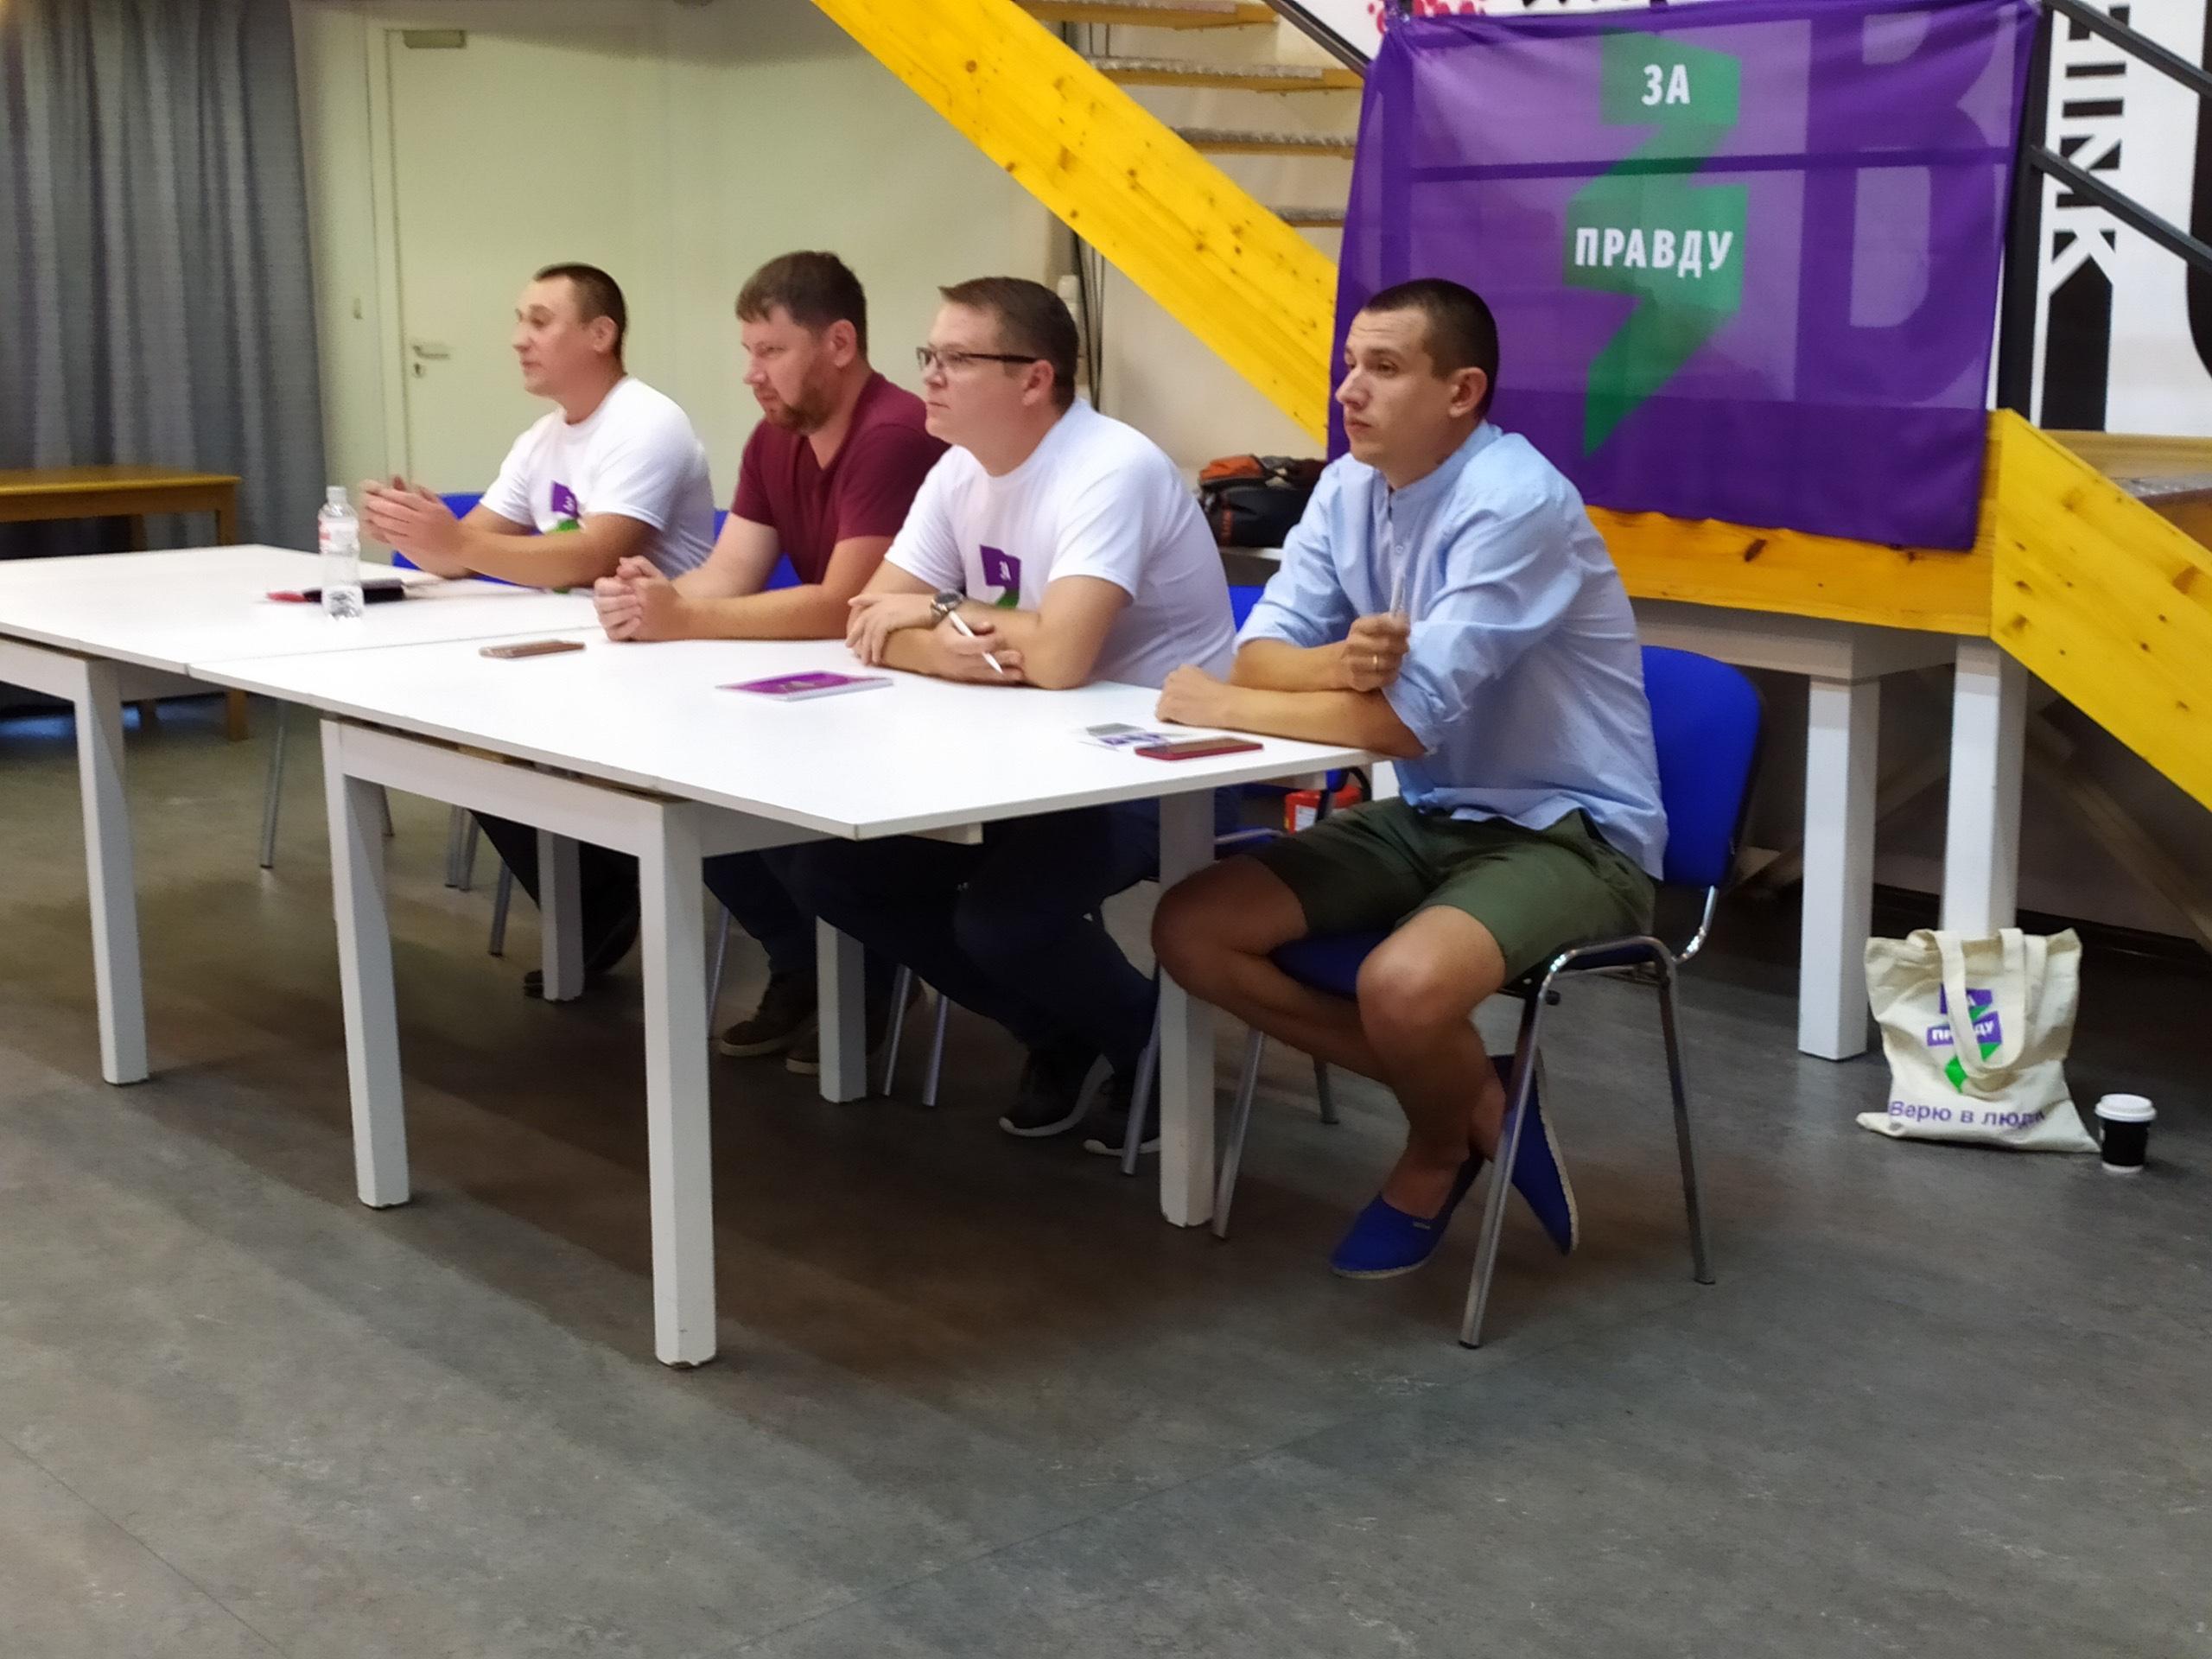 В Волгограде прошла первая открытая встреча сторонников Движения ЗА ПРАВДУ 1